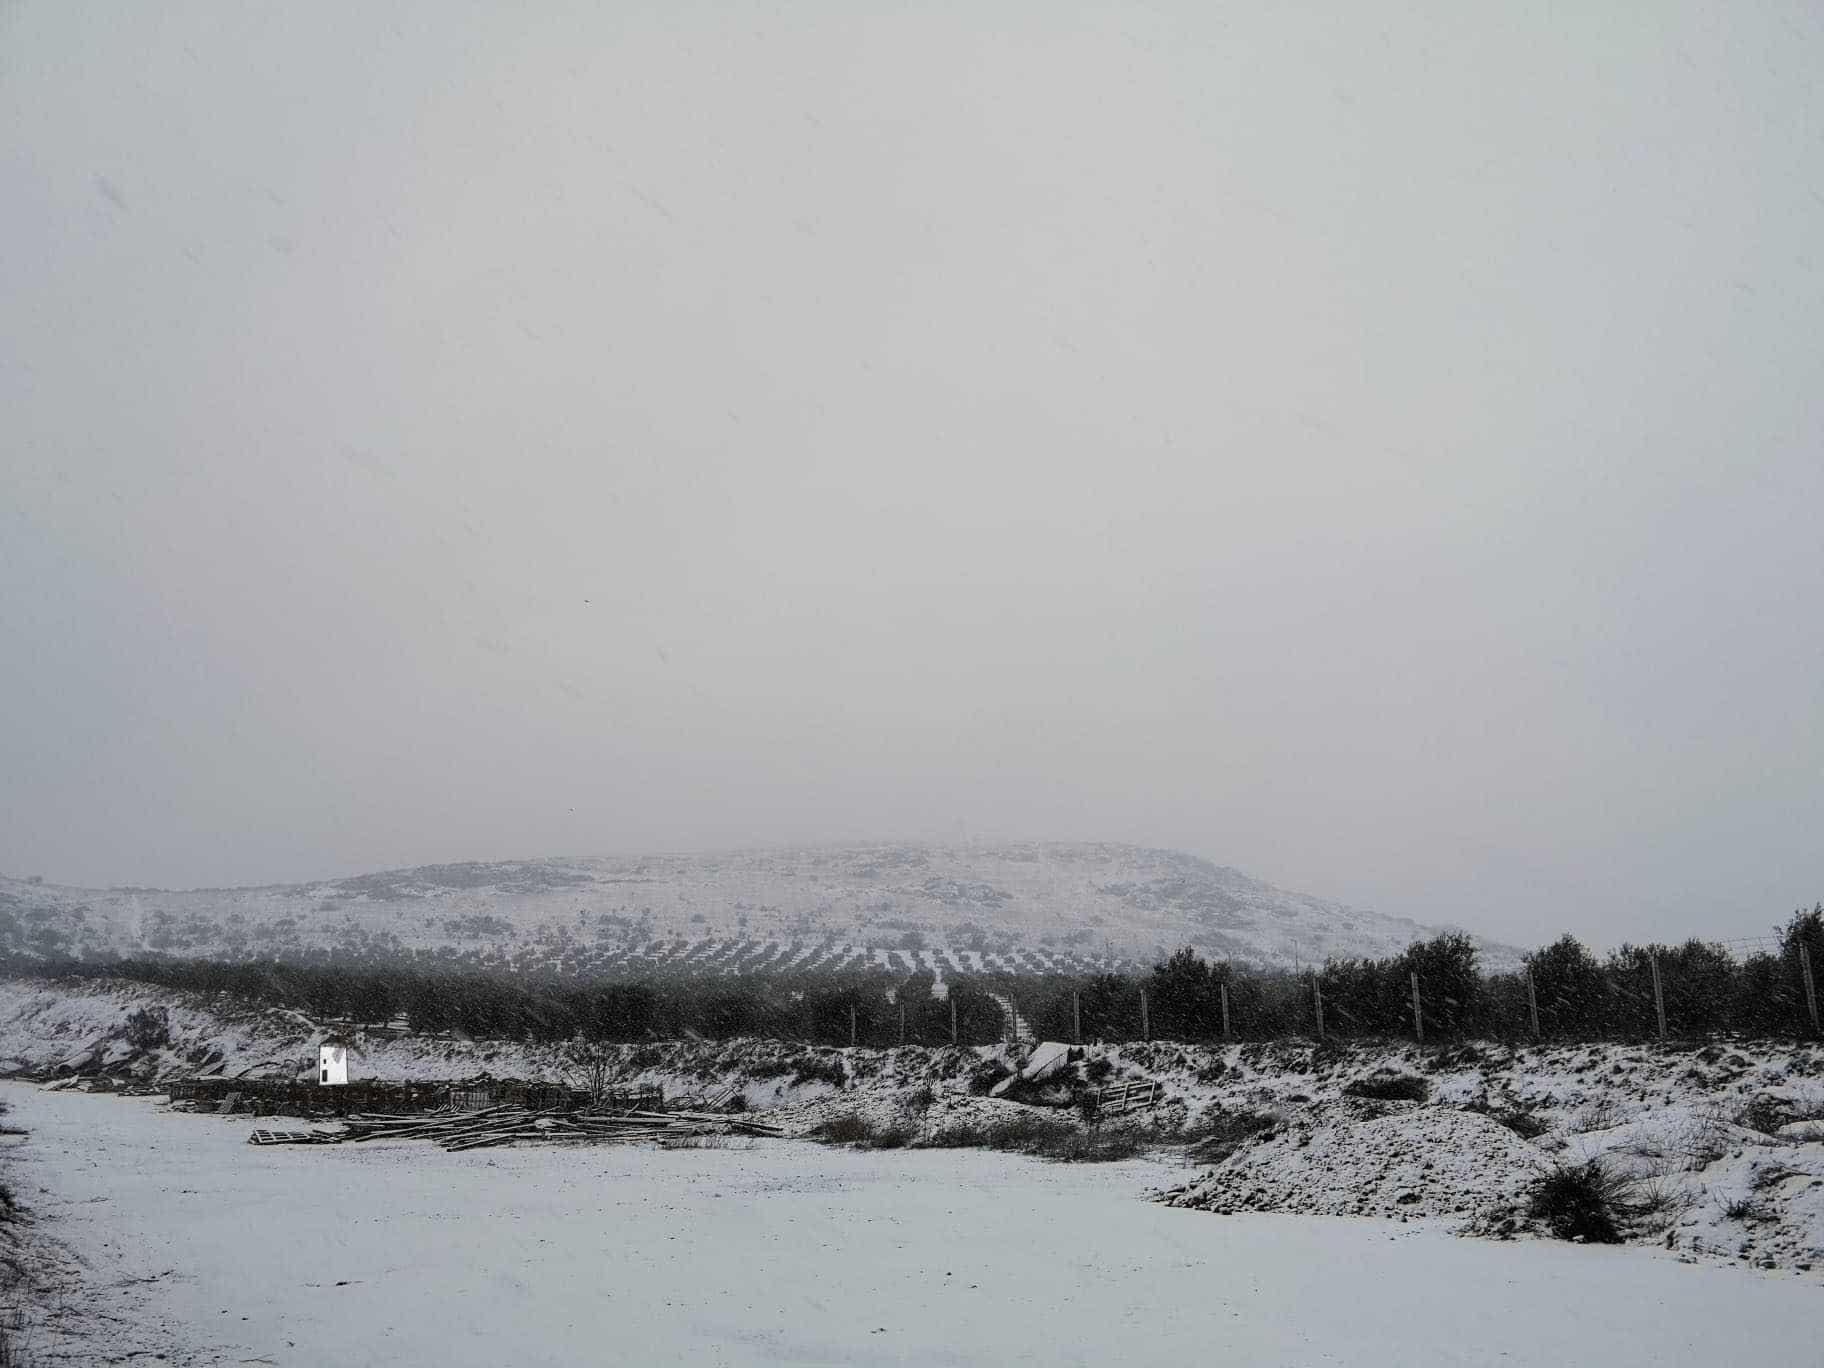 Las nevadas llegan Herencia y a toda Castilla-La Mancha (actualizado) 105